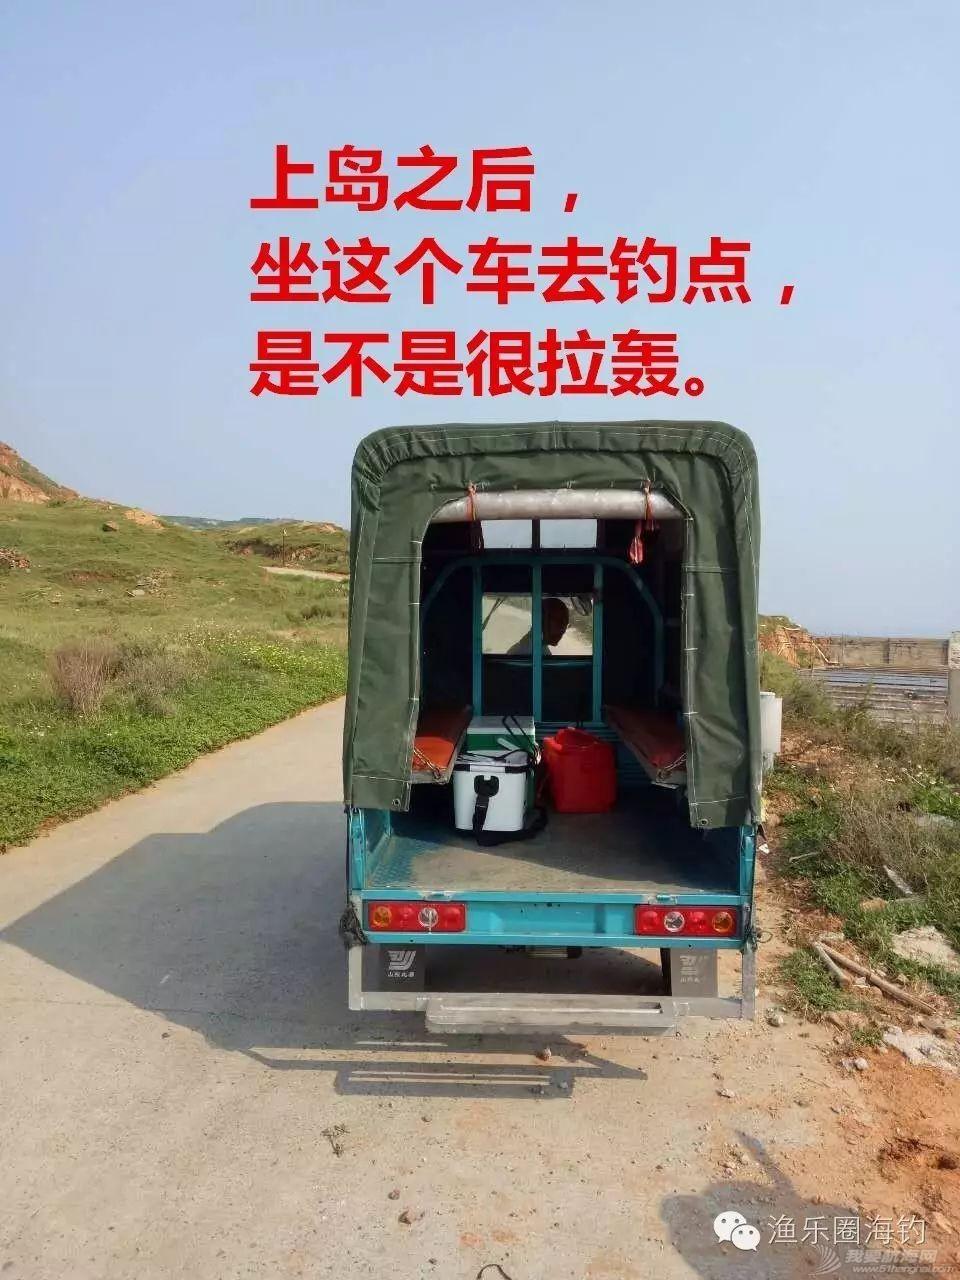 渔乐圈钓友首战美丽的东庠岛w7.jpg